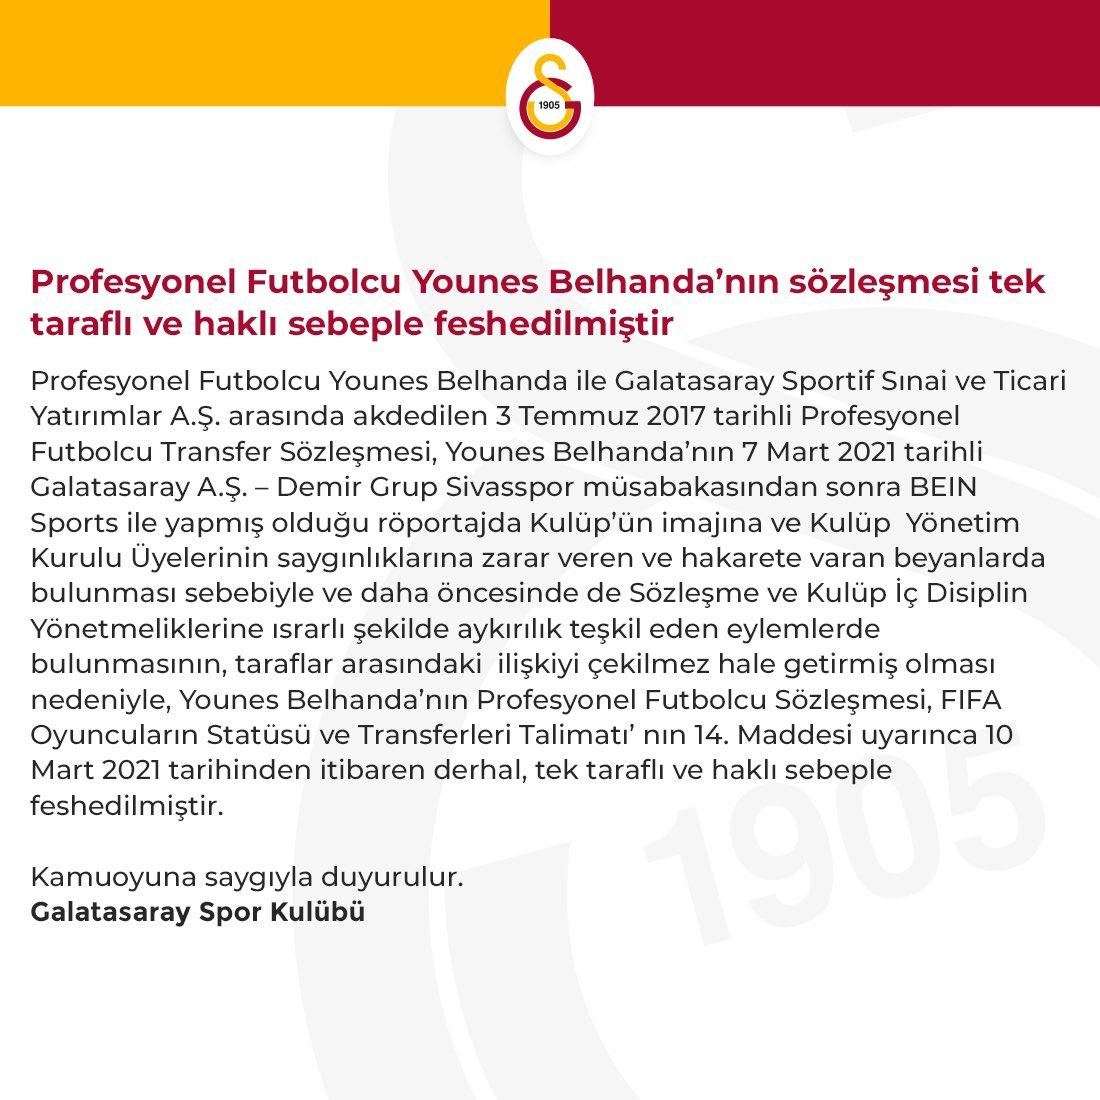 Galatasaray'da bir dönem sona erdi! Belhanda'nın sözleşmesi feshedildi